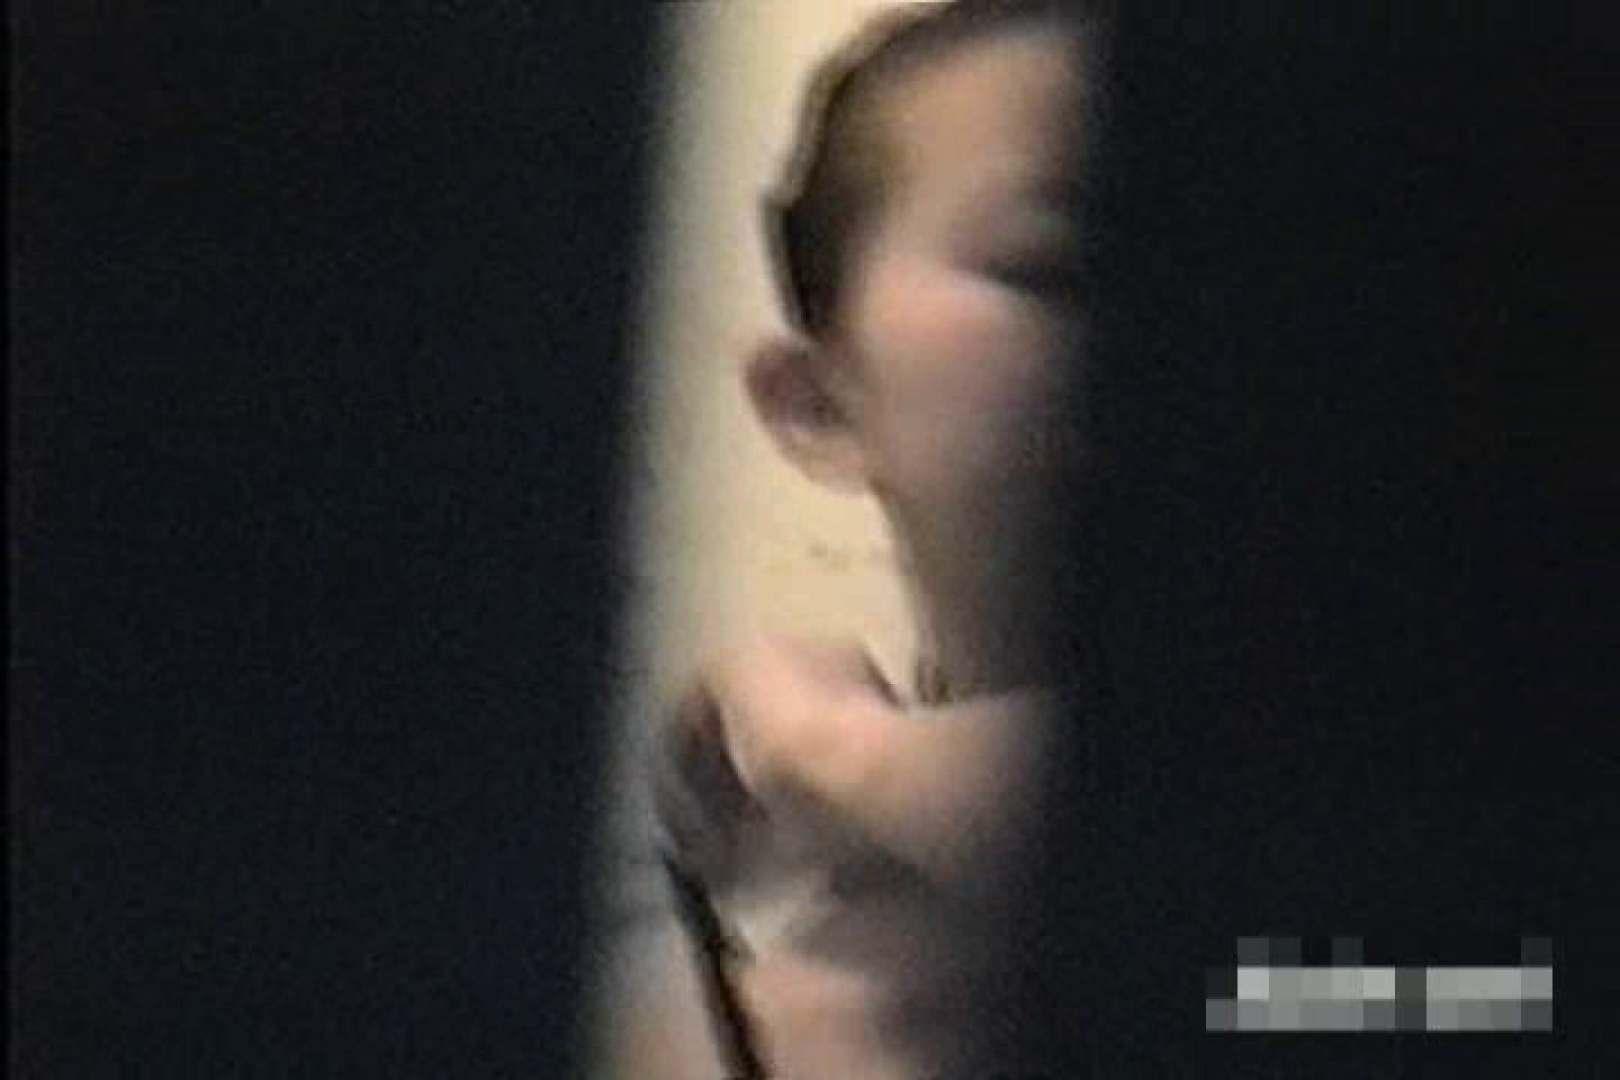 激撮ストーカー記録あなたのお宅拝見しますVol.1 美しいOLの裸体 おまんこ無修正動画無料 98pic 98